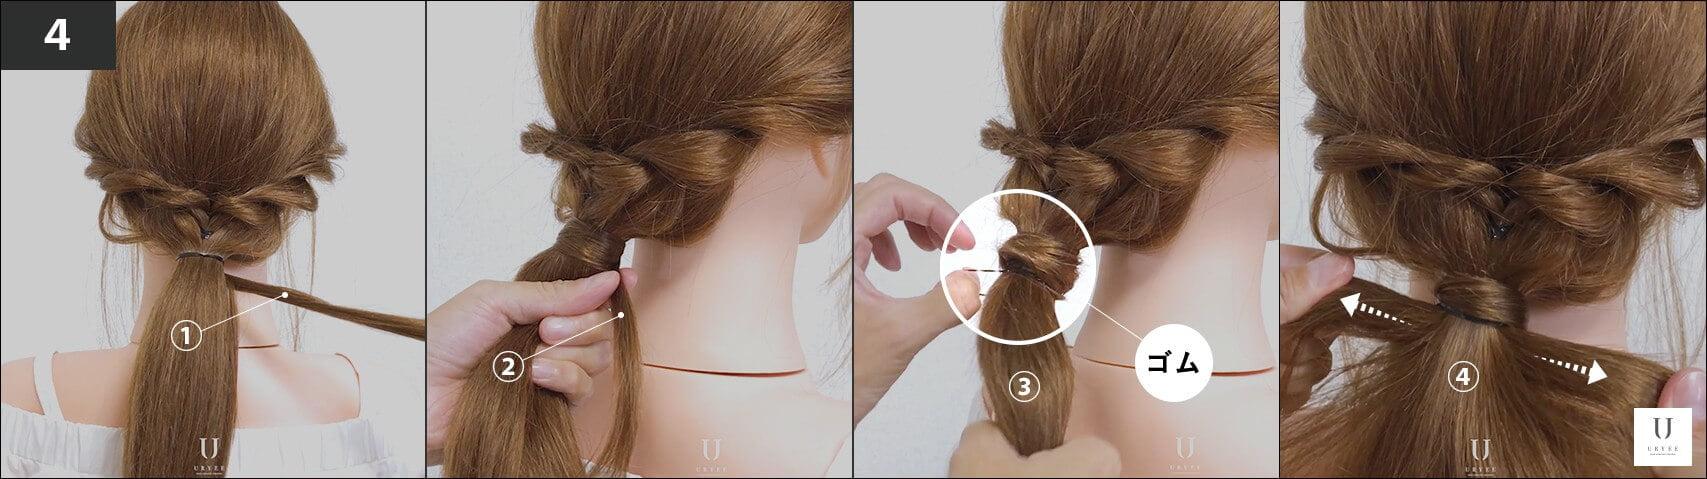 簡単にできるゴムを髪で隠すやり方